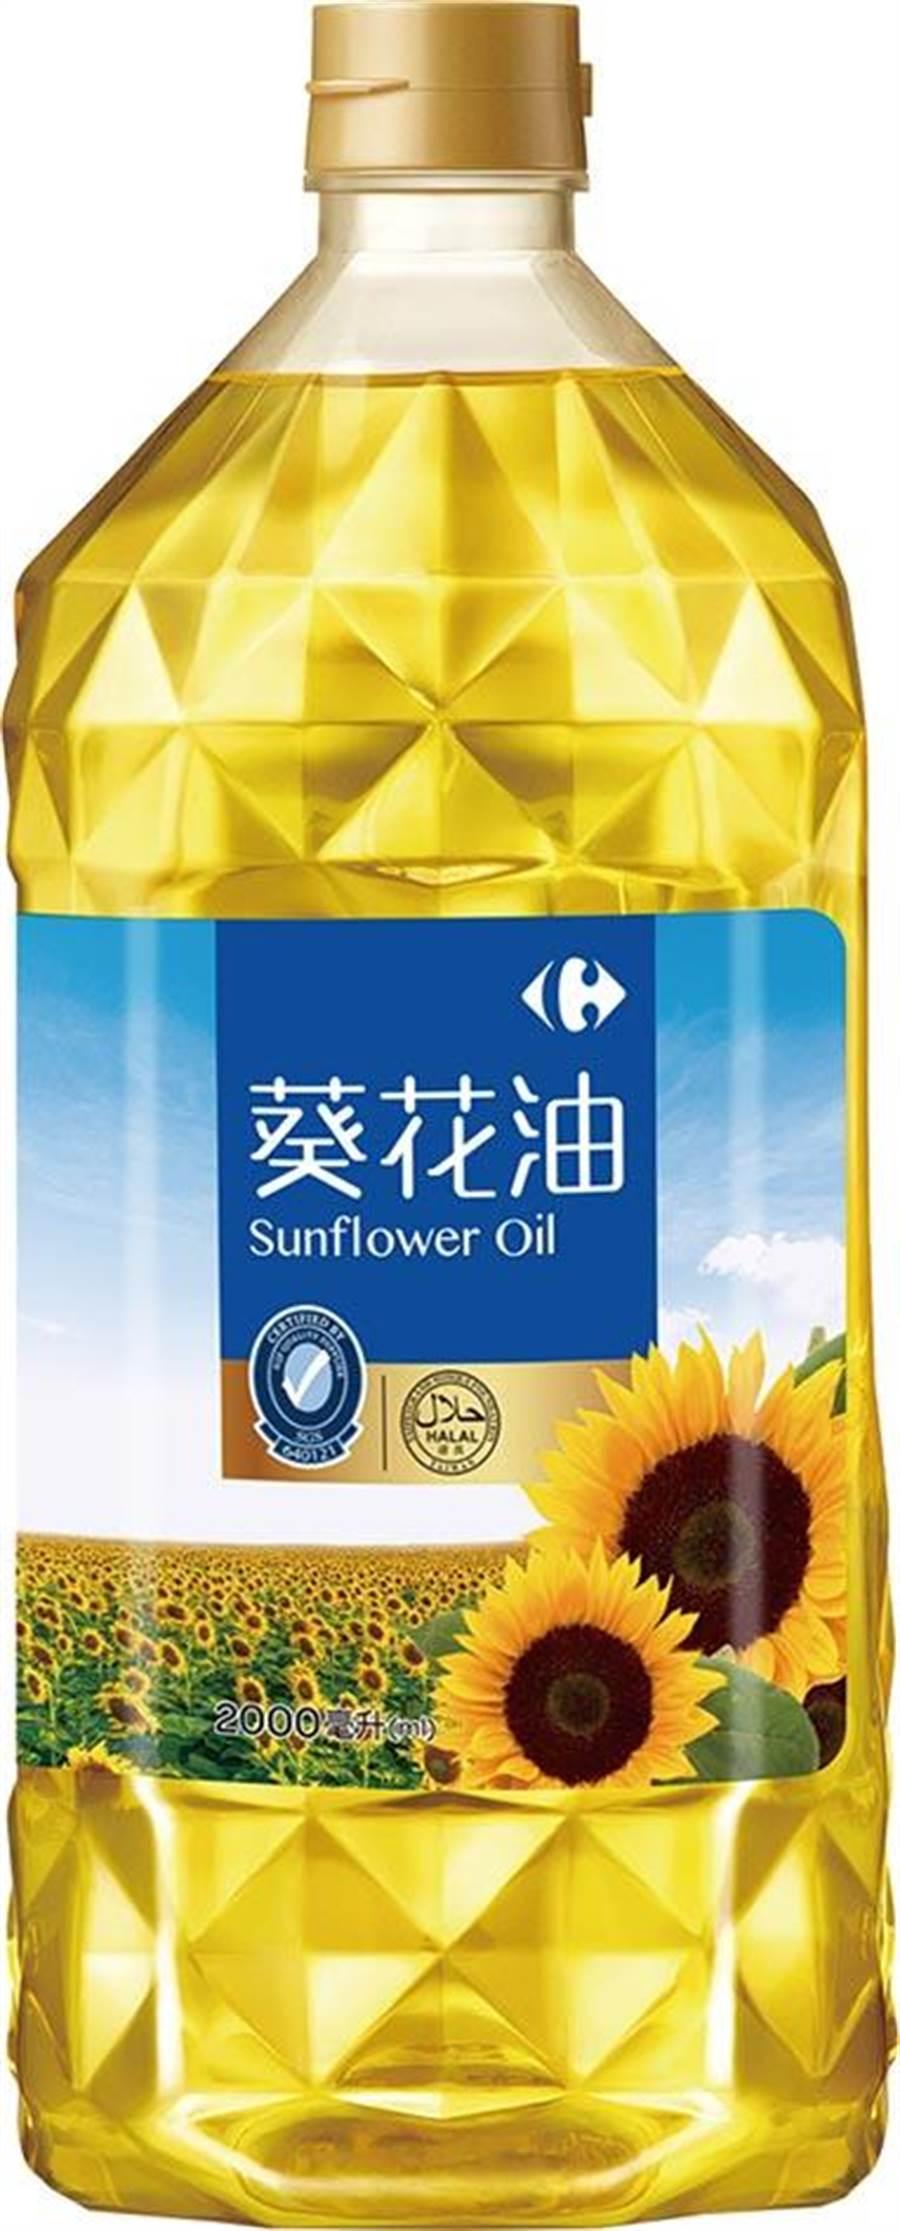 家樂福葵花油/芥花油,和泰山合作,有SQF食品安全品質標章、HALAL清真認證,皆2000ml,原價155元、特價148元。(家樂福提供)